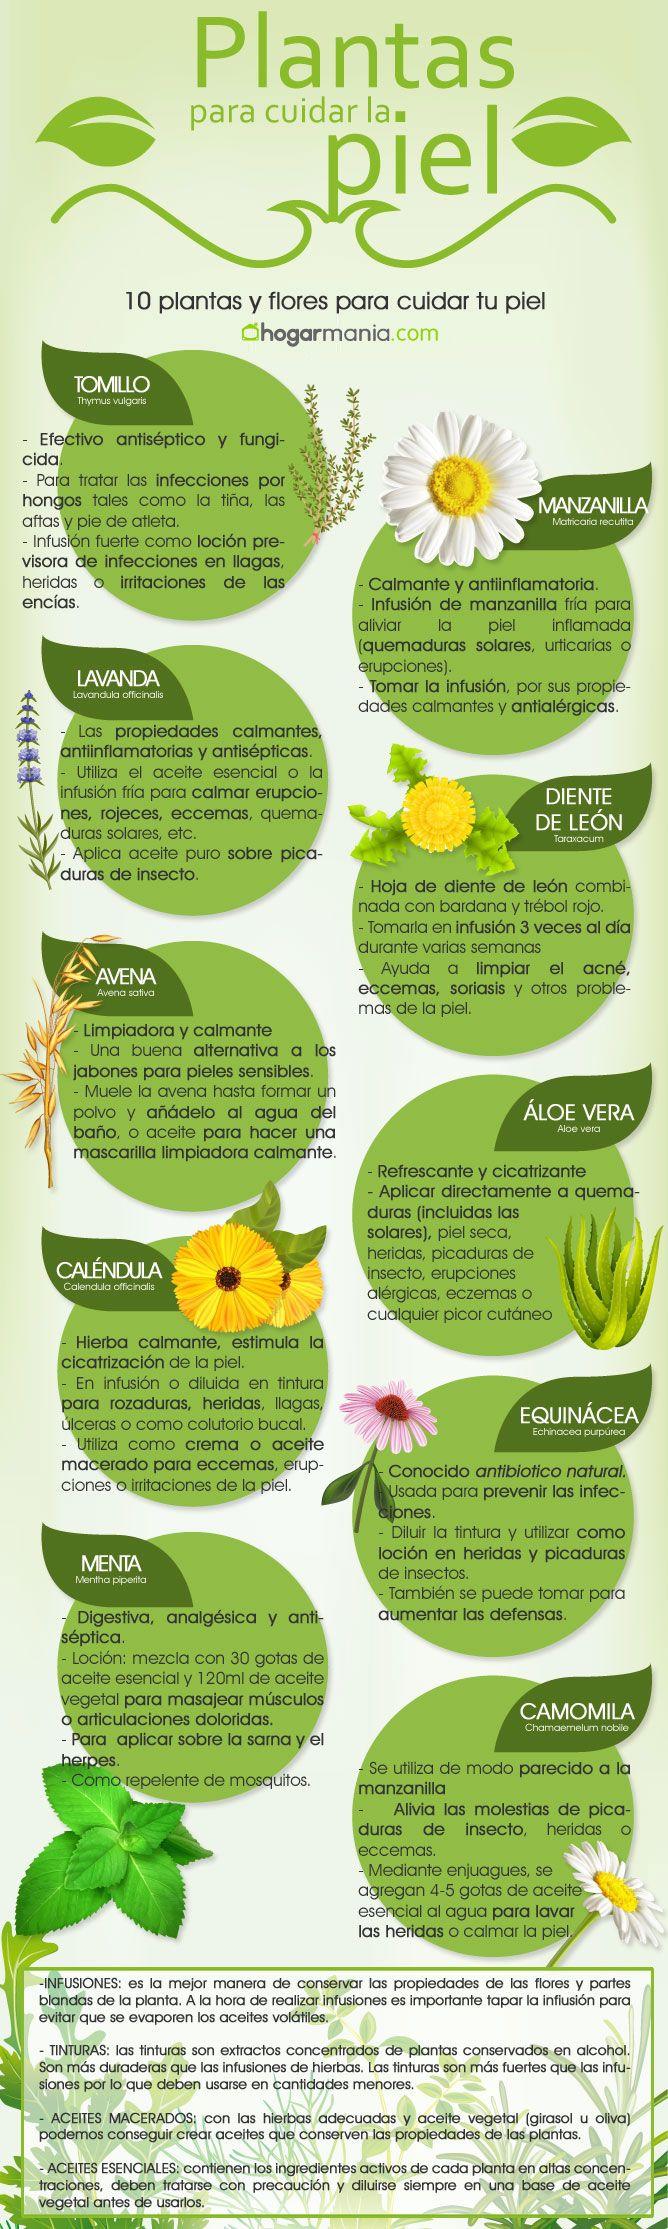 10 plantas y flores para cuidar tu piel hogarmania - Como cuidar una planta de aloe vera en casa ...